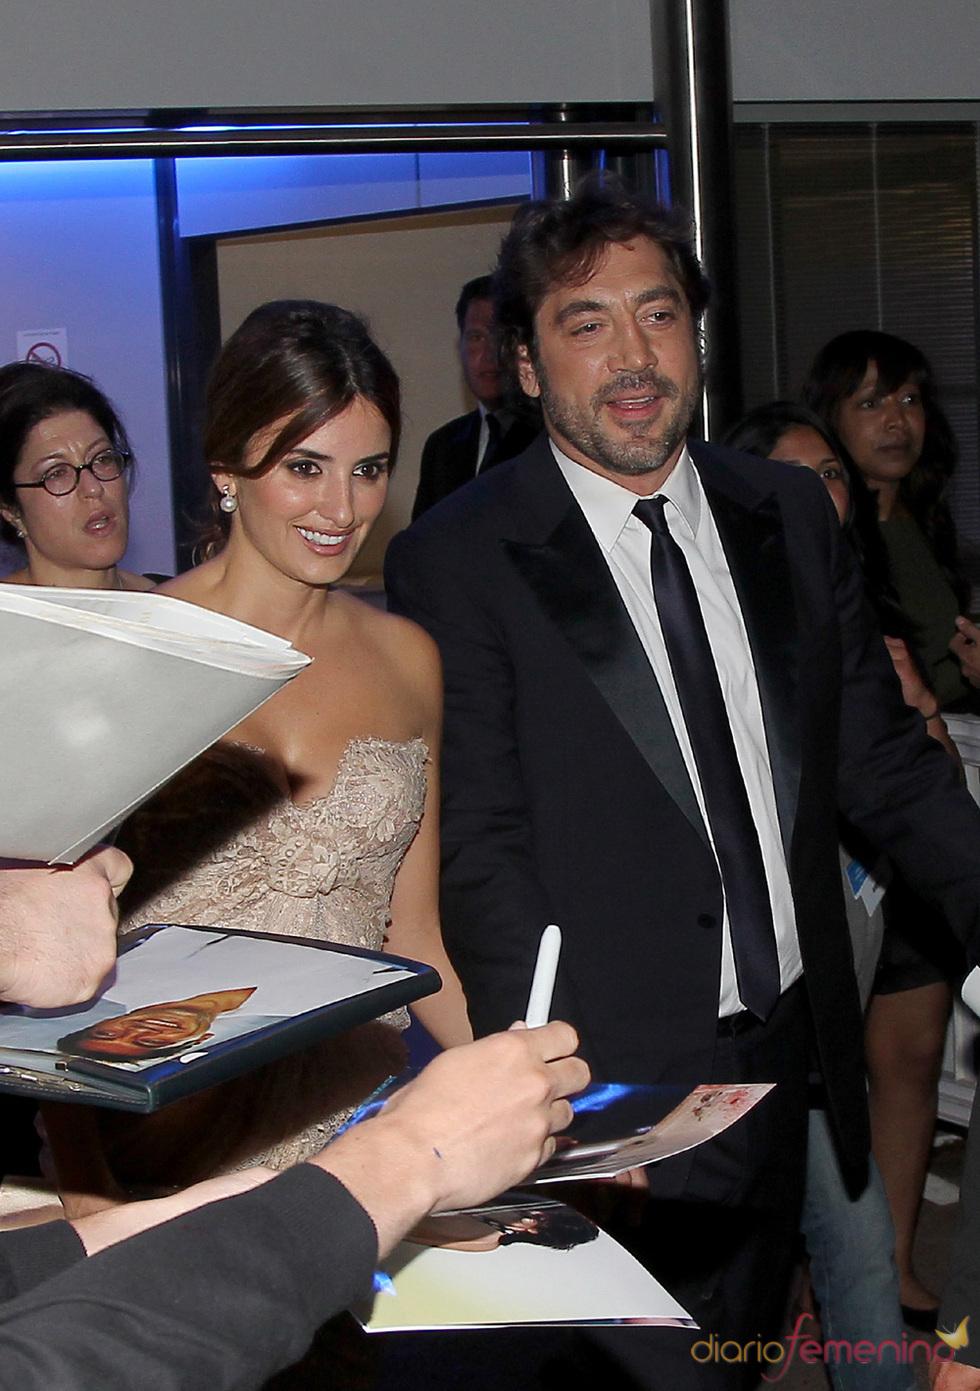 Javier Bardem y Penélope Cruz juntos después de la declaración de amor